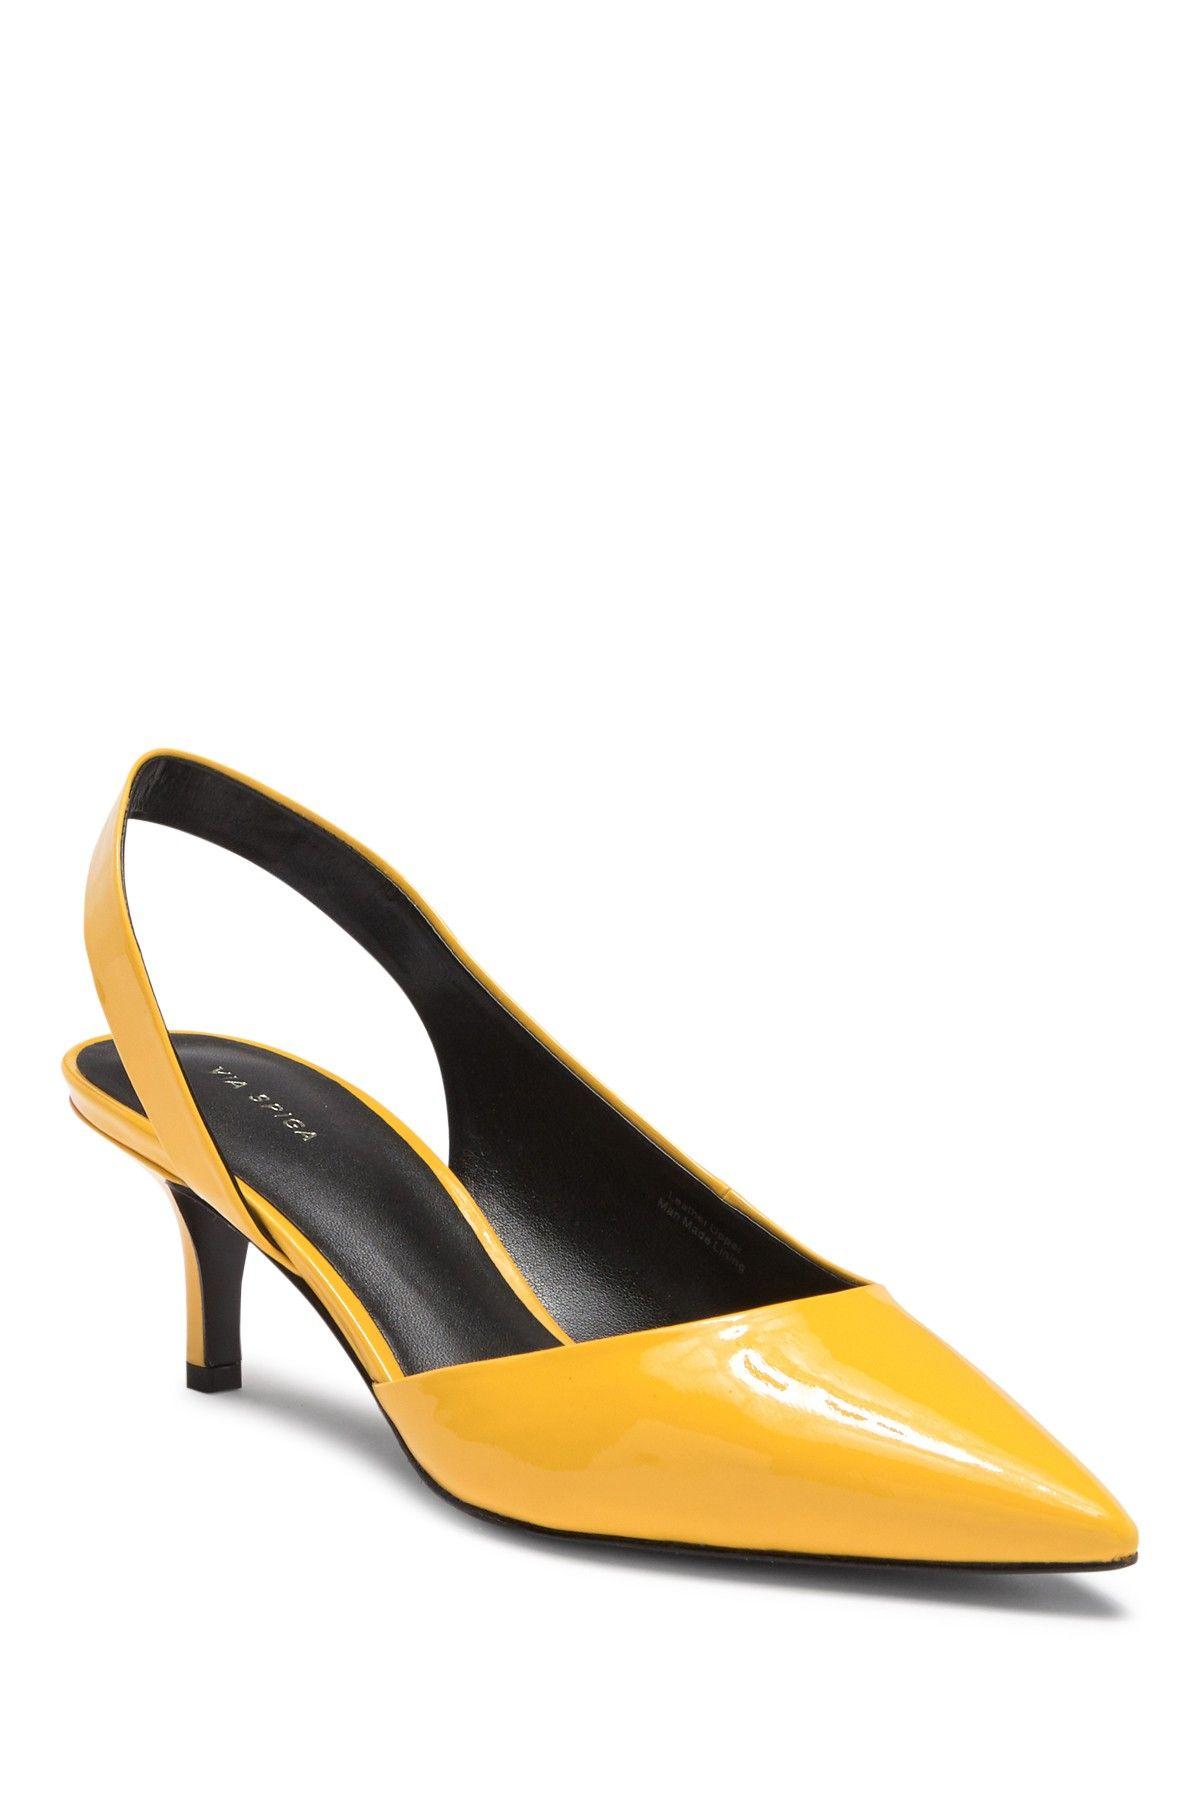 Via Spiga Marty Patent Leather Kitten Heel Pump Hautelook Heels Kitten Heels Pumps Heels